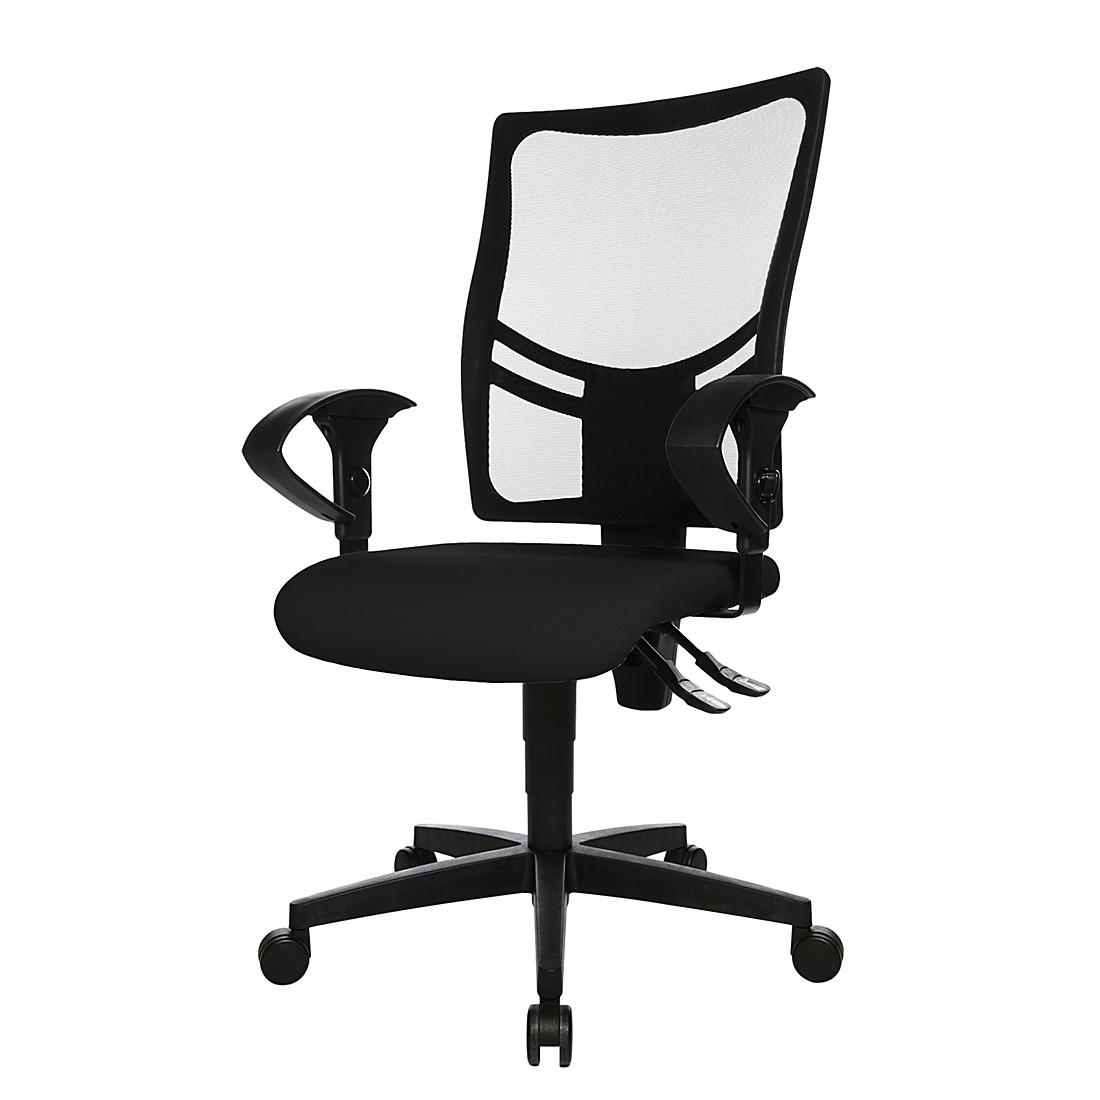 Bürodrehstuhl Net Point 10 - Mit Armlehnen - Schwarz, Topstar